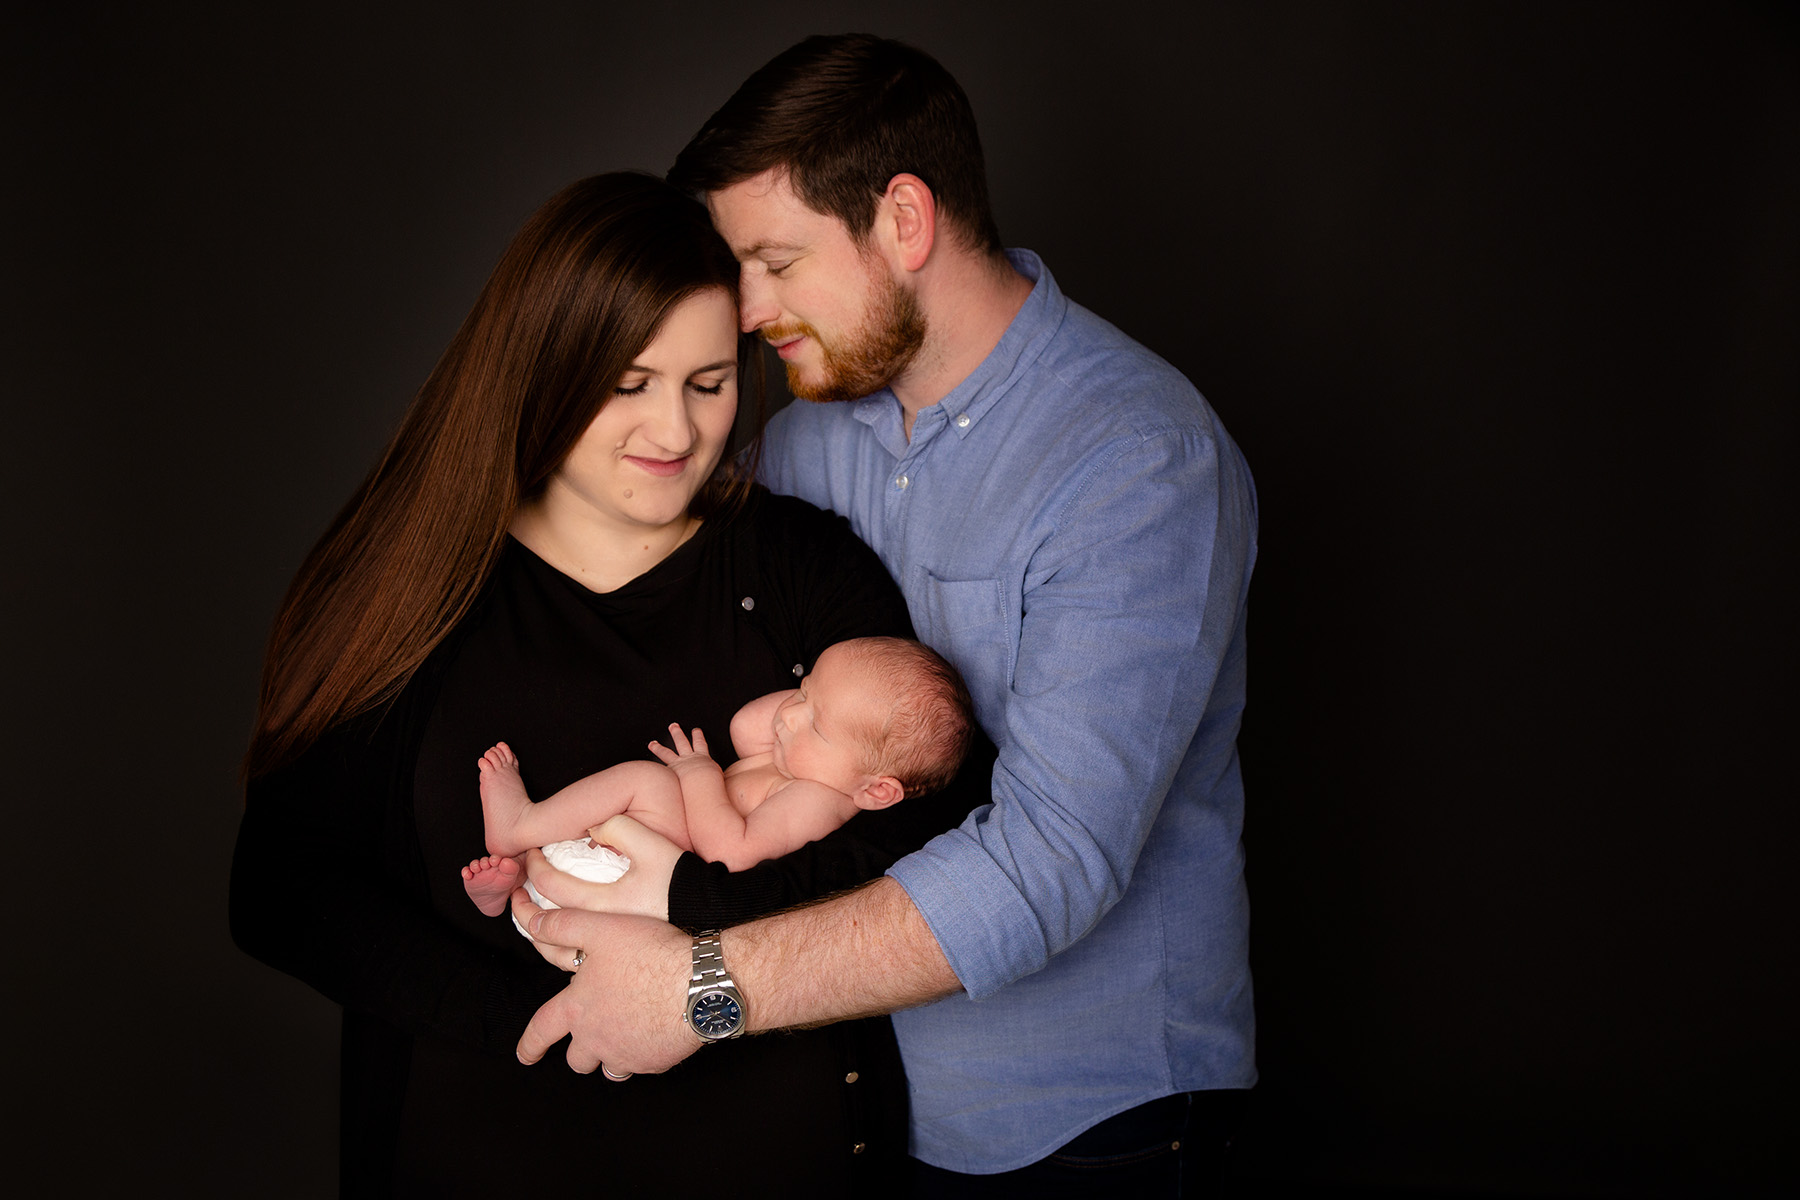 Newborn Photoshoot Edinburgh